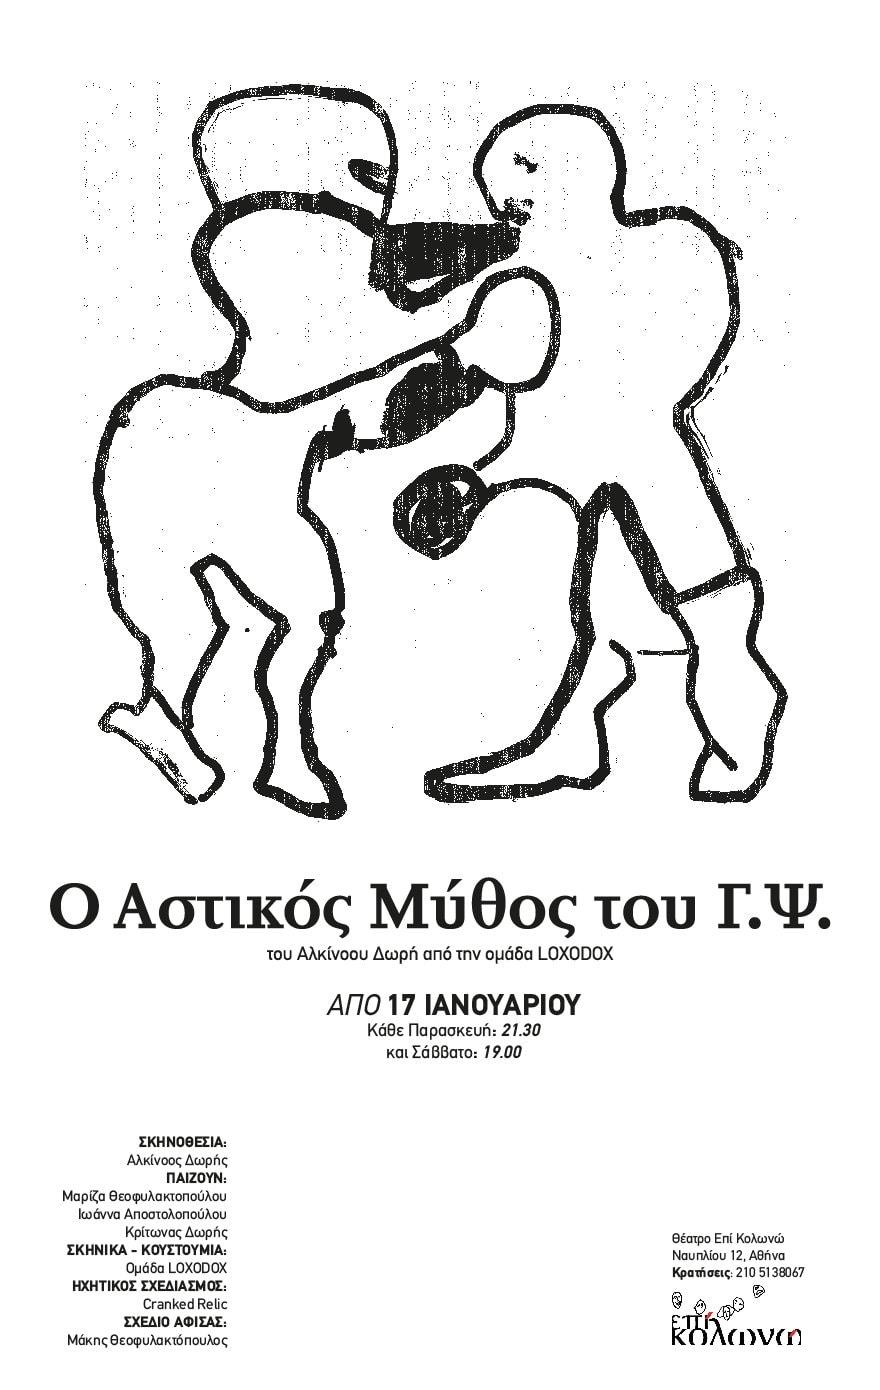 Αφίσα αστικός μύθος